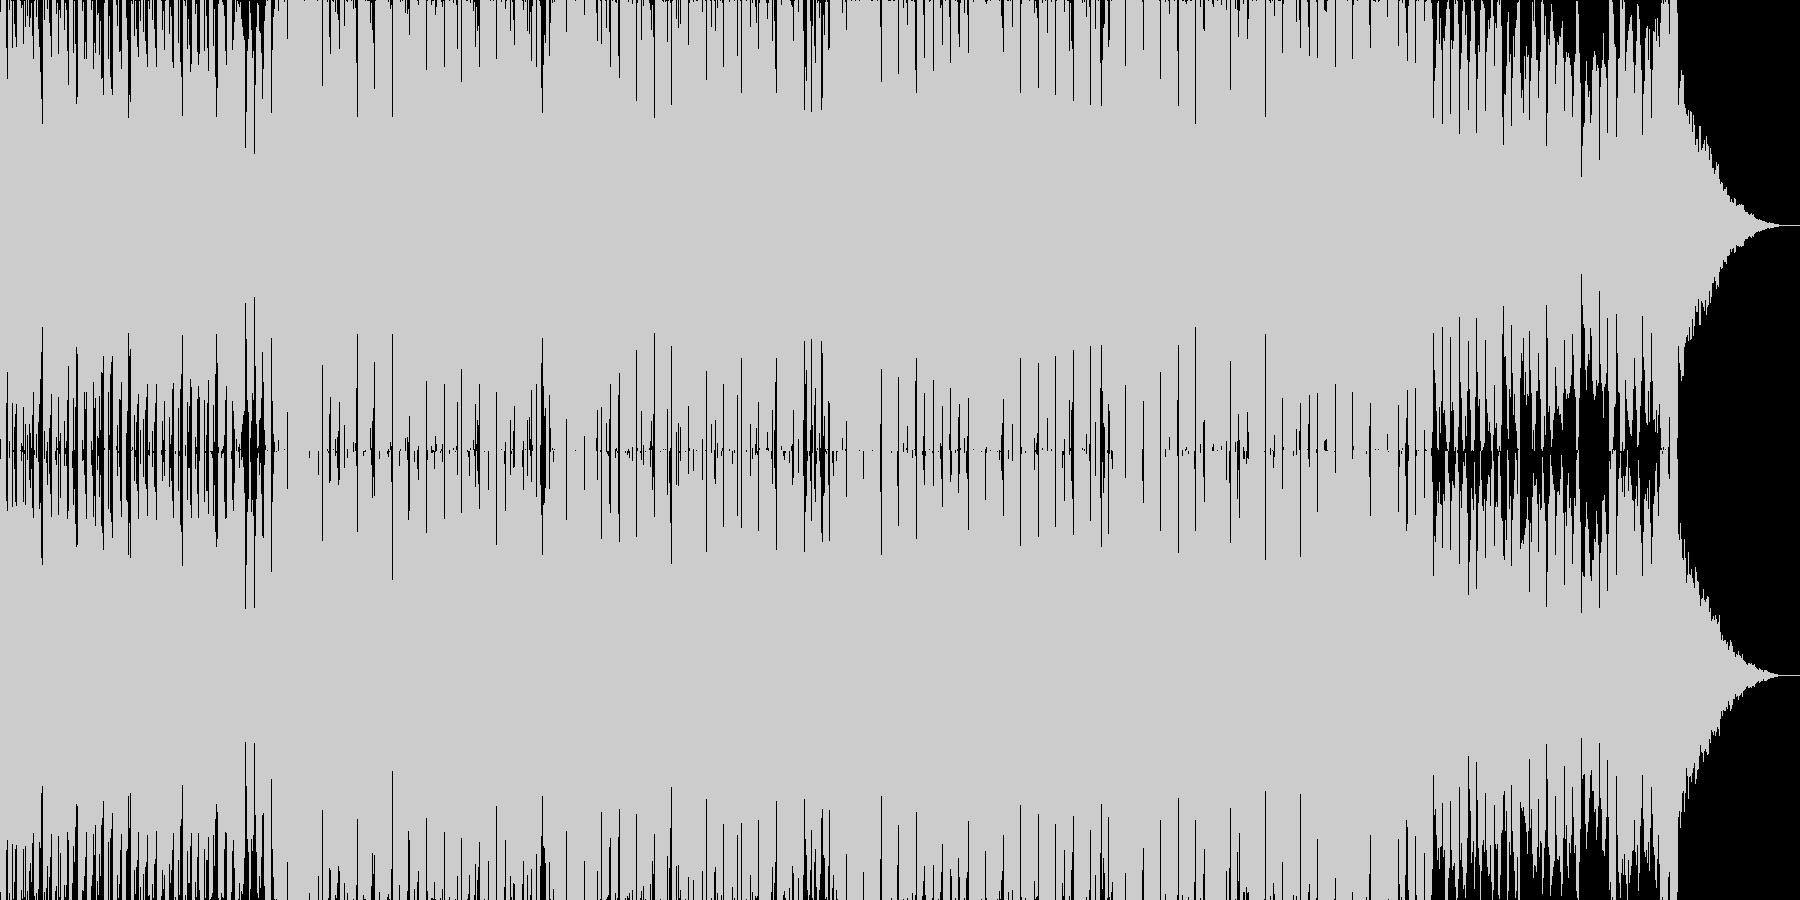 軽快で明るめなテクノポップの未再生の波形